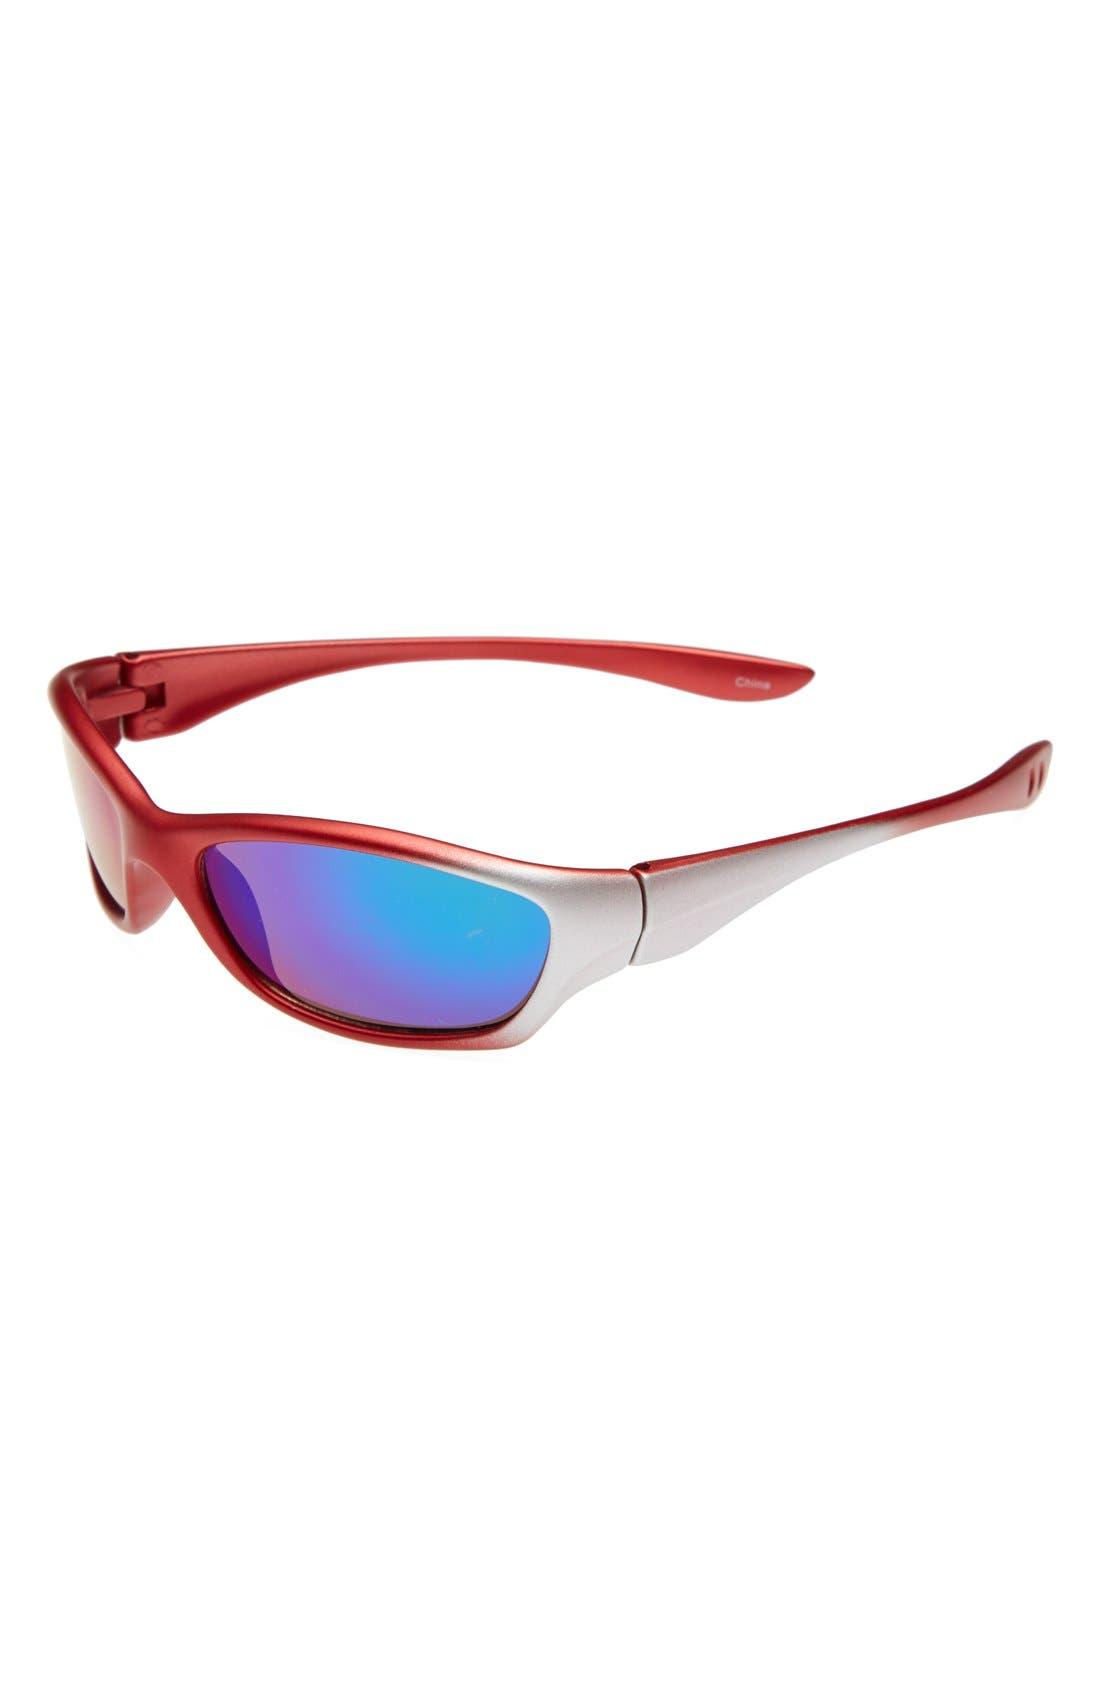 Main Image - Icon Eyewear 'Jimmy' Sunglasses (Boys)